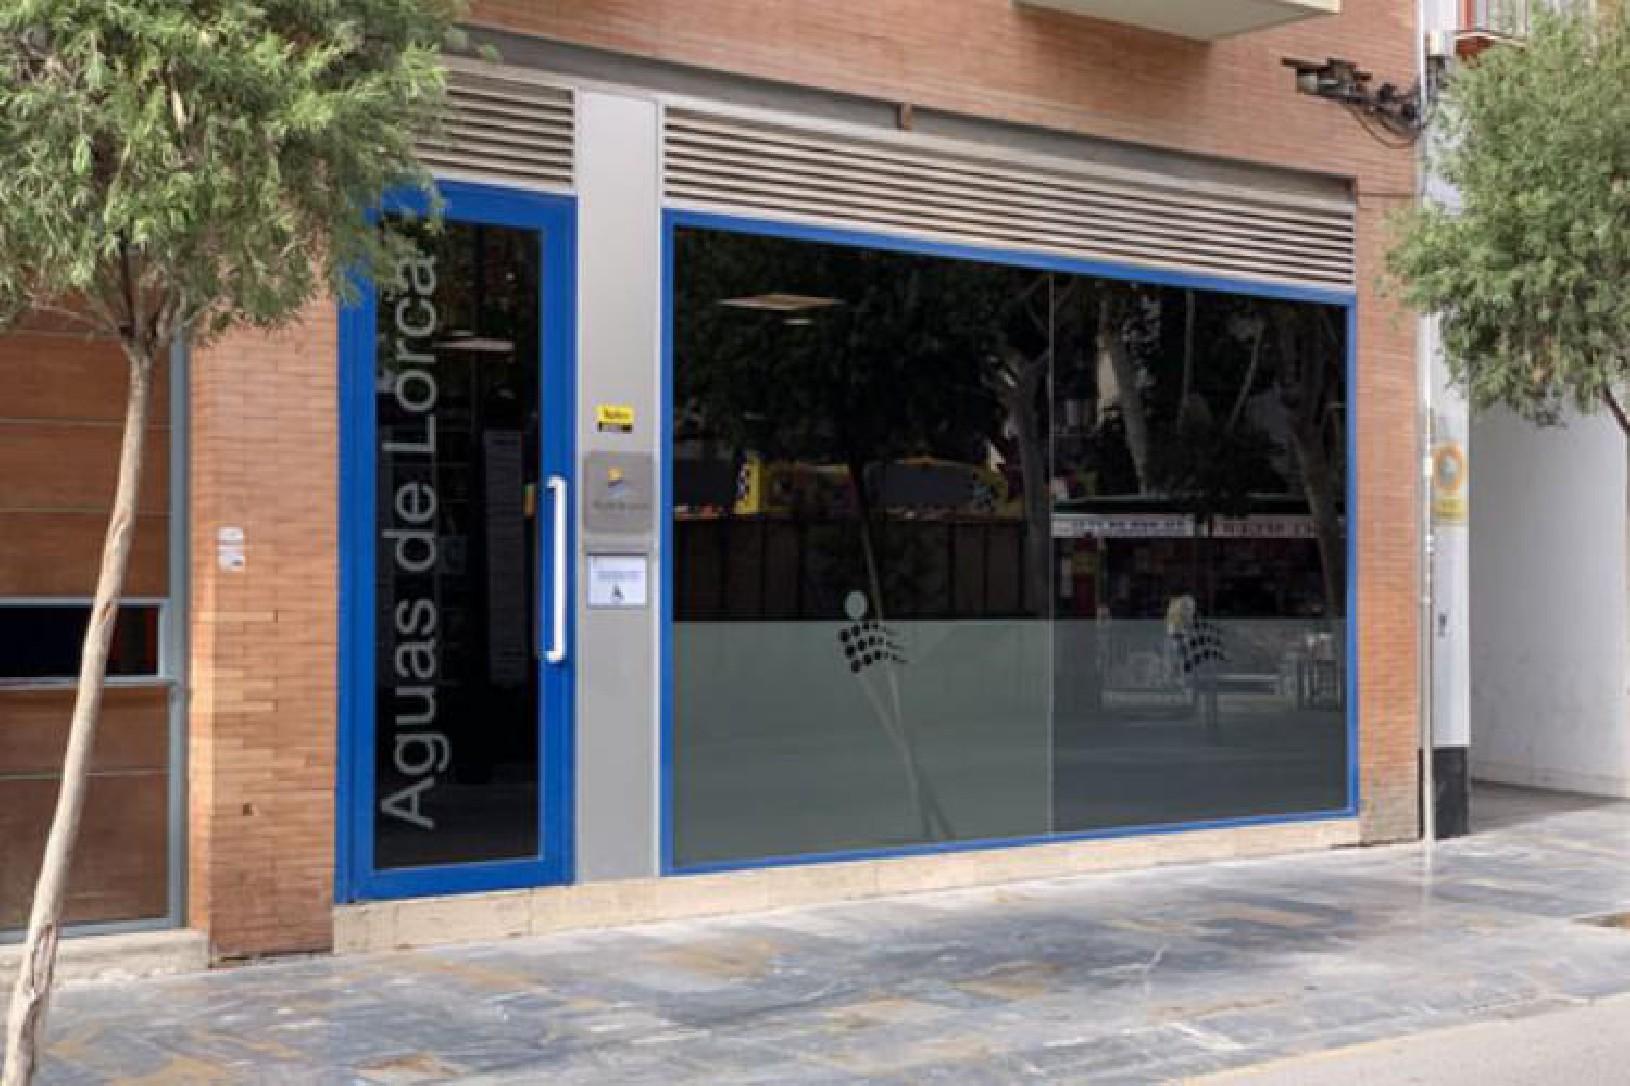 Aguas de Lorca refuerza sus canales no presenciales para ofrecer una atención personalizada y segura